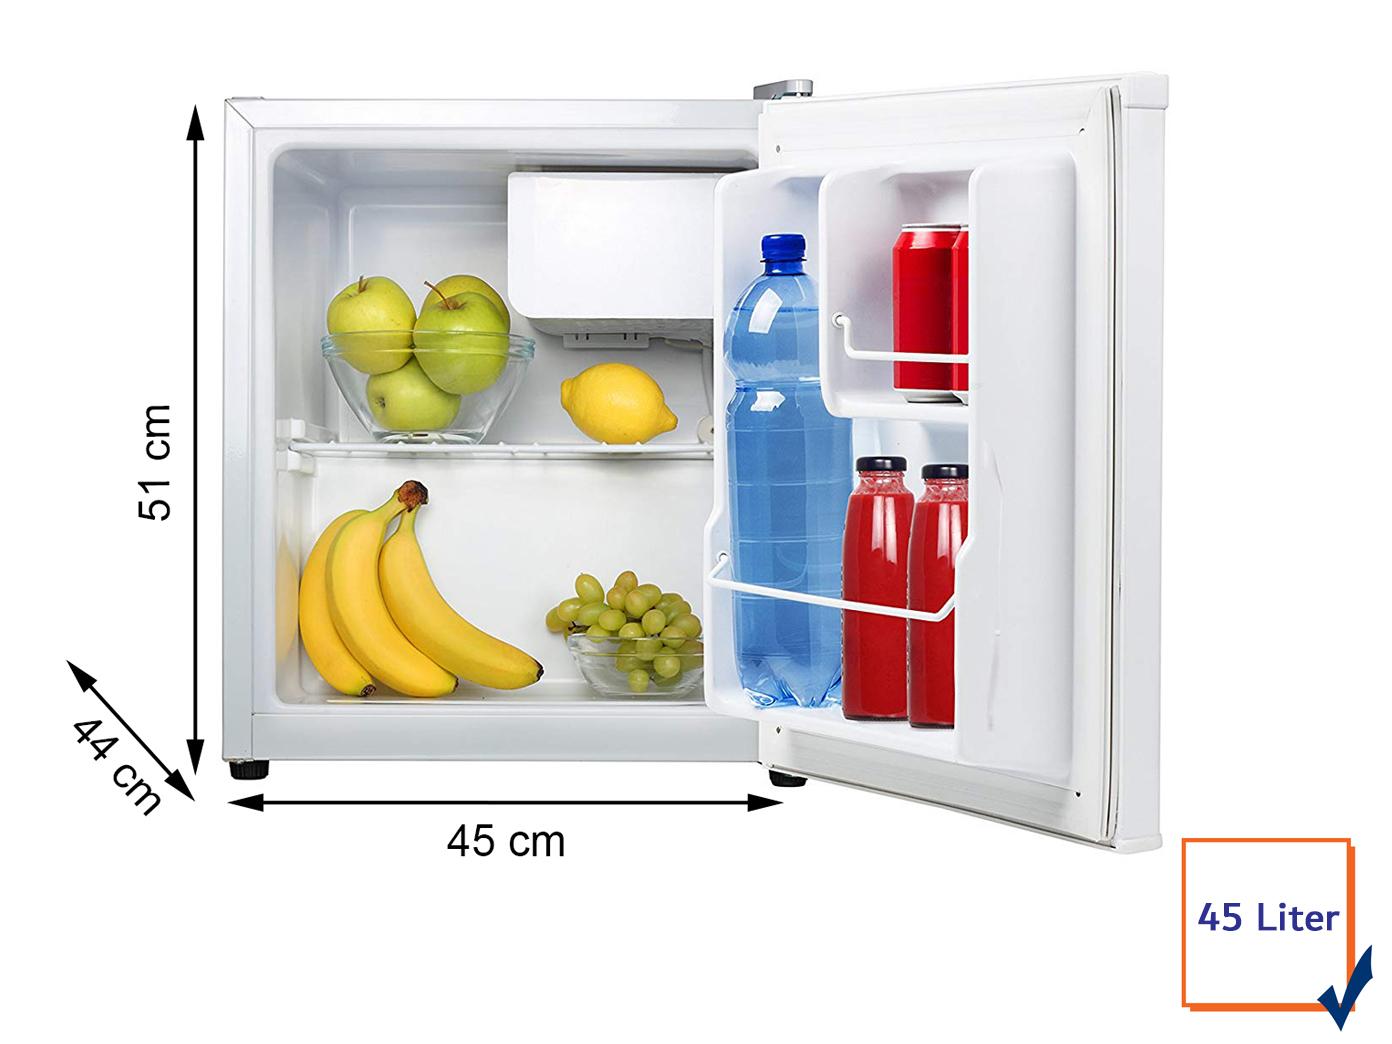 Technischer Aufbau Kühlschrank : Aufbau kühlschrank ablauf im kühlschrank verstopft so reinigen